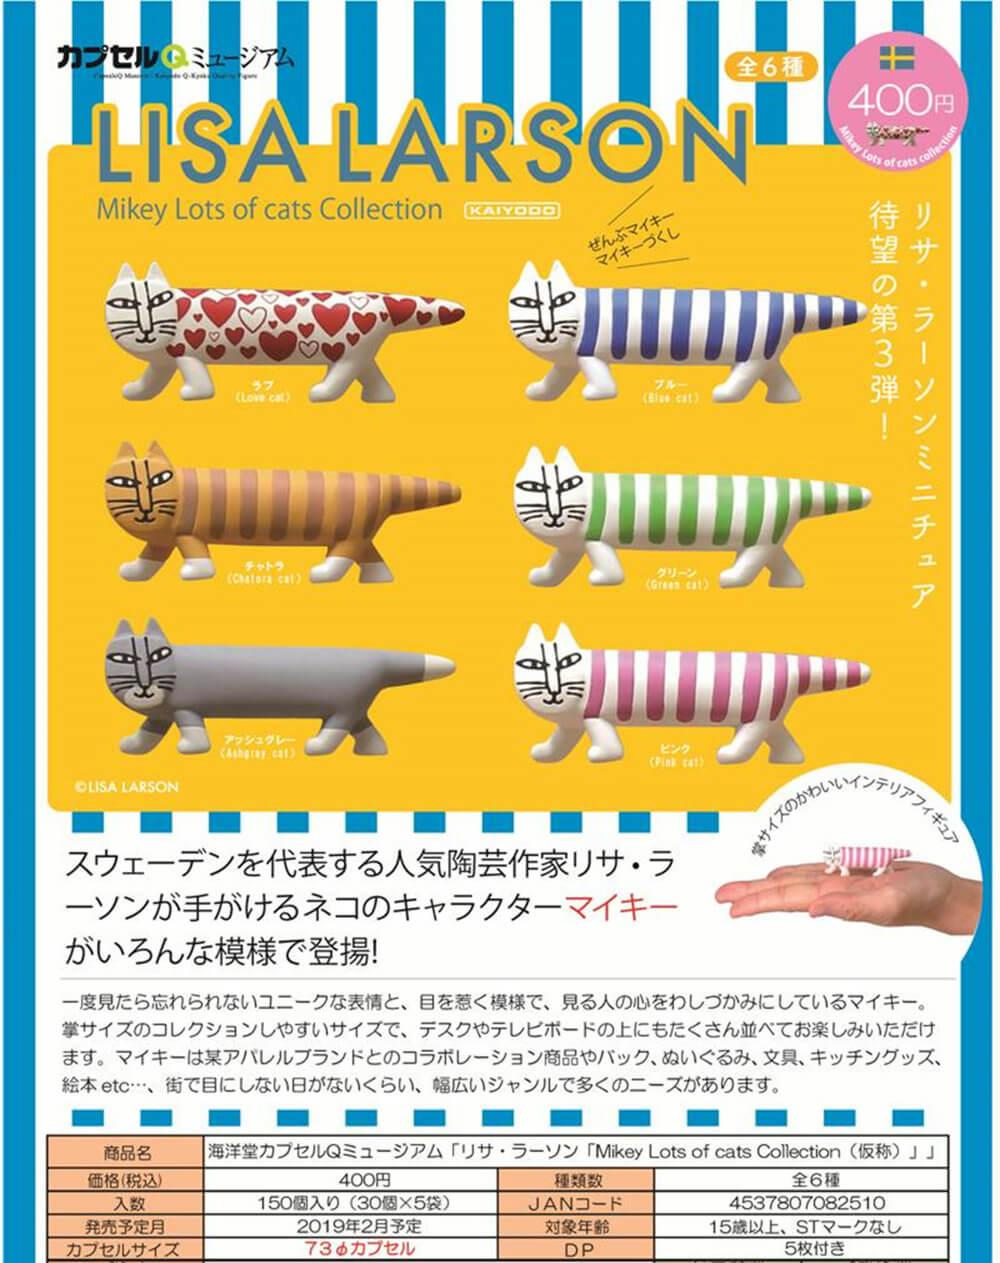 カプセルQミュージアム「リサ・ラーソン Mikey Lots cats Collection[仮称]」(30個入り)